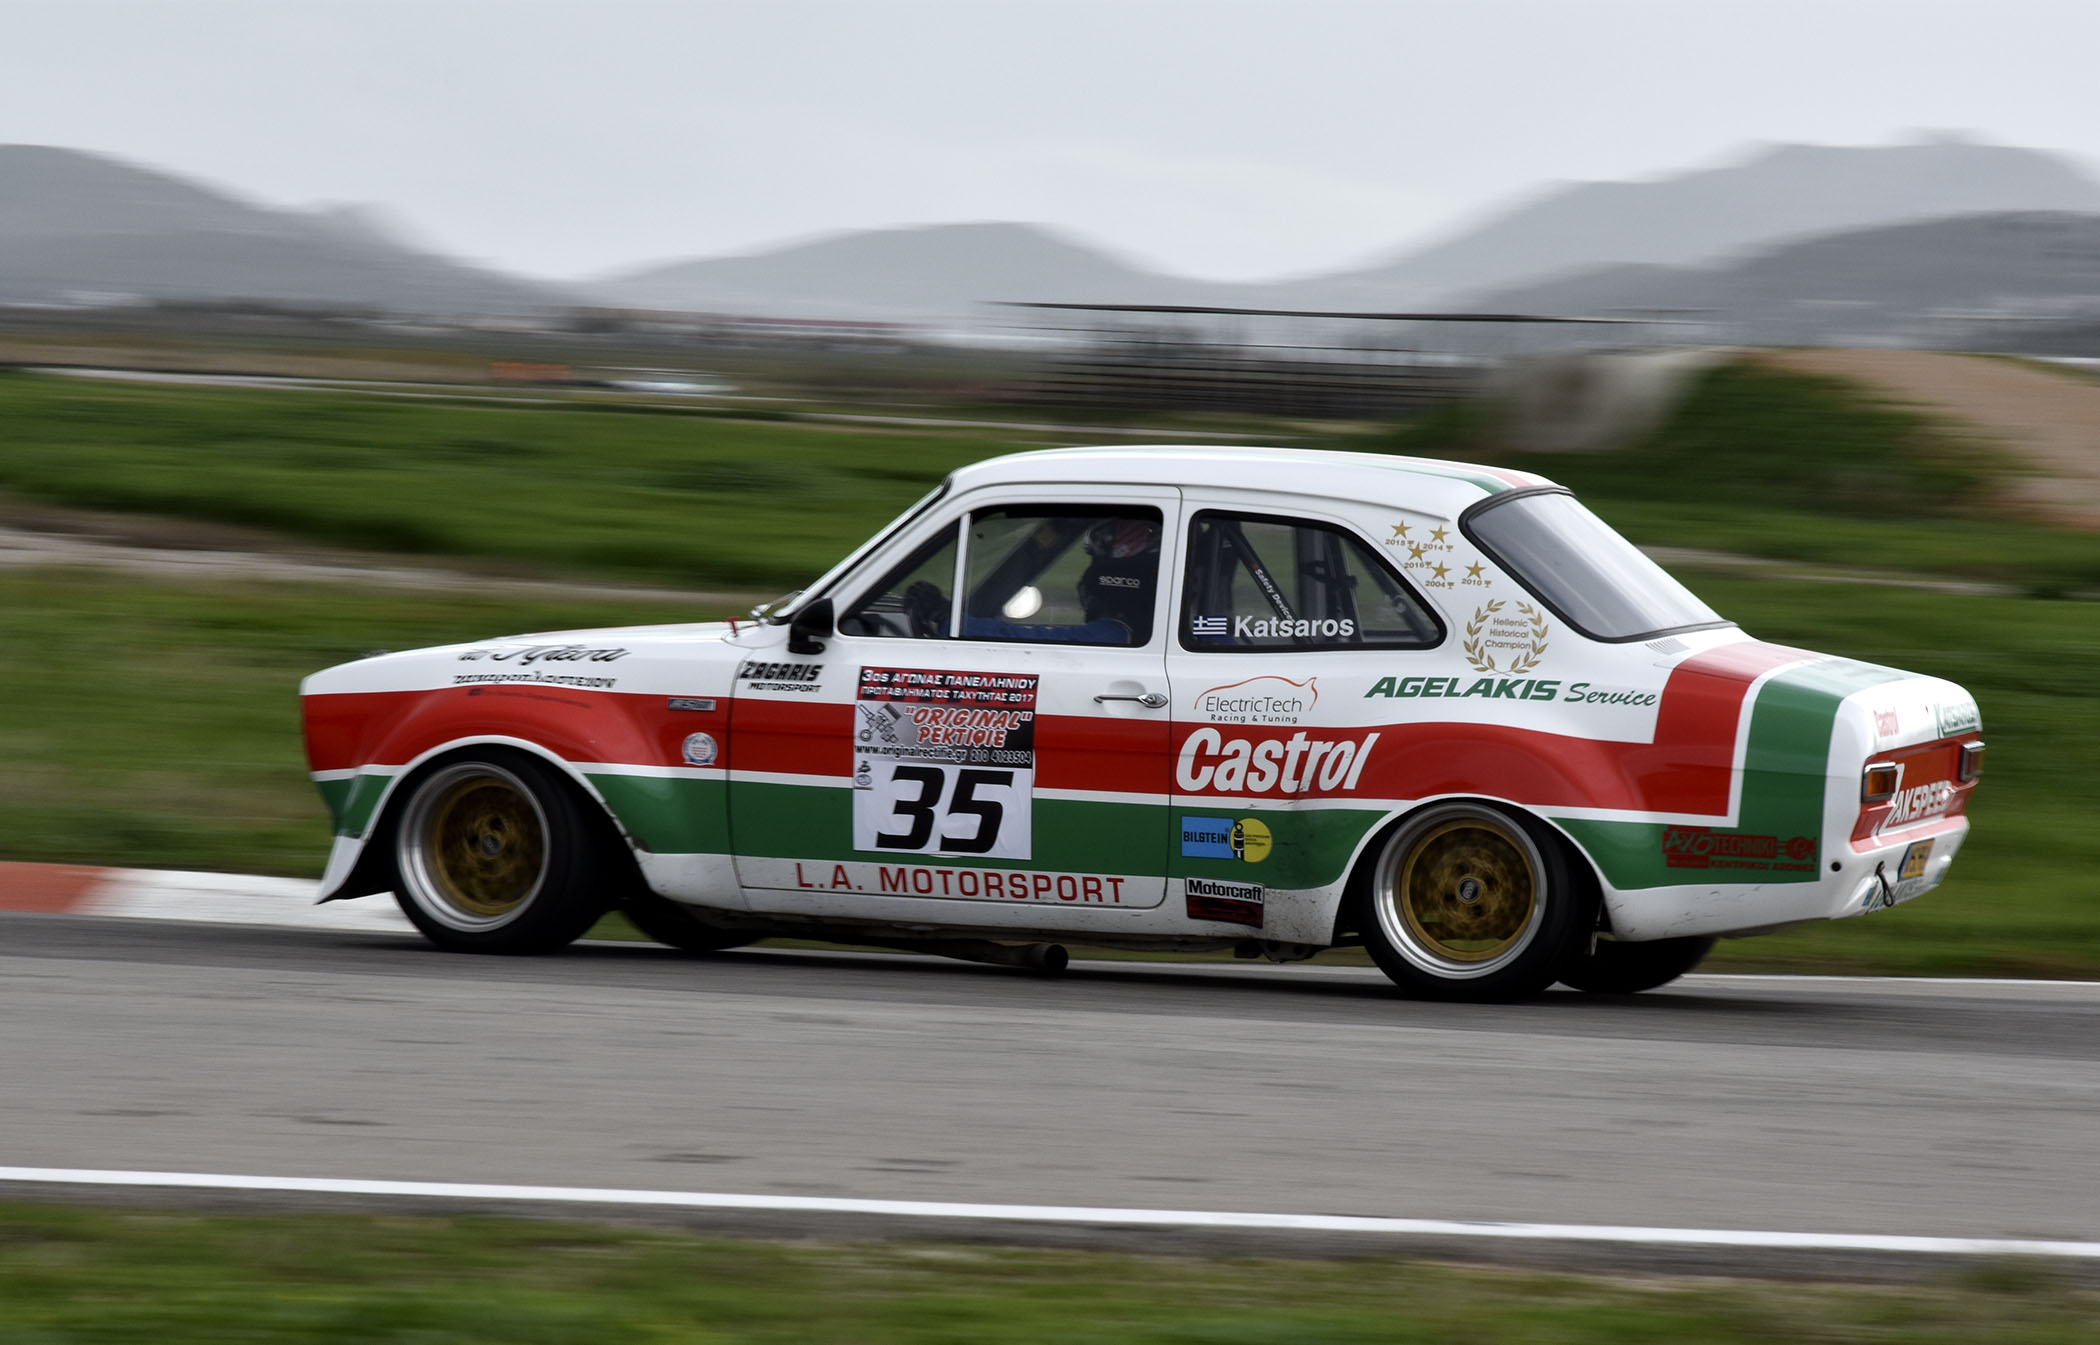 τις Κατατακτήριες Δοκιμές του Σαββάτου 2/12, στις οποίες ο Γιώργος Καμιτσάκης κέρδισε στα χιλιοστά του δευτερολέπτου την pole position του Ενιαίου, ενώ στις κατηγορίες τους κυριάρχησαν οι Γιώργος Κεχαγιάς (GT-Touring), Γιώργος Κατσαρός (Ιστορικά) και Παναγιώτης Ηλιόπουλος (Formula Saloon).  Σε μια αρκετά ζεστή για την εποχή ημέρα, και χωρίς ορατή απειλή βροχής απ' το συννεφιασμένο ουρανό, οι αγωνιζόμενοι βγήκαν αρκετά καλή την πρόσφυση της πίστας του αττικού αυτοκινητοδρομίου ενόψει του αυριανού 3ου γύρου του Πανελλήνιου Πρωταθλήματος Ταχύτητας Αυτοκινήτων, και μαζί 9ου & 10ου γύρου του Ενιαίου Πρωταθλήματος για το 2017.  Έπειτα από δύο περιόδους Ελεύθερων Δοκιμών, που τους επέτρεψαν να εγκλιματιστούν και να ρυθμίσουν τα αυτοκίνητά τους μετά τη μακρόχρονη απουσία της πίστας από το Πρωτάθλημα, οι οδηγοί έδωσαν στις Κατατακτήριες Δοκιμές μια συναρπαστική πρώτη ιδέα για τους έξι αγώνες της Κυριακής - που διοργανώνονται από τα Αθλητικά Σωματεία ΕΛ.Λ.Α.Δ.Α. και Α.Σ.Σ.Ο.Α.Α.  Ειδικά στην Κατηγορία του Ενιαίου, με τα ισοδύναμα Skoda Fabia 1.2 Turbo, η μάχη κρίθηκε υπέρ του Γιώργου Καμιτσάκη με διαφορά 54 χιλιοστών του δευτερολεπτου από τον Μίλτο Κύρκο, και 92 χιλιοστών από τον Νίκο Ζάχο! Δίπλα στον Ζάχο, στη δεύτερη σειρά, θα παραταχθεί ο Φίλιππος Καλέσης, ενώ την τρίτη σειρά θα καταλάβουν δύο ακόμα διεκδικητές του επάθλου Νέων οδηγών, ο Γιάννης Χαραλαμπόπουλος και ο Γιάννης Ποτουρίδης.